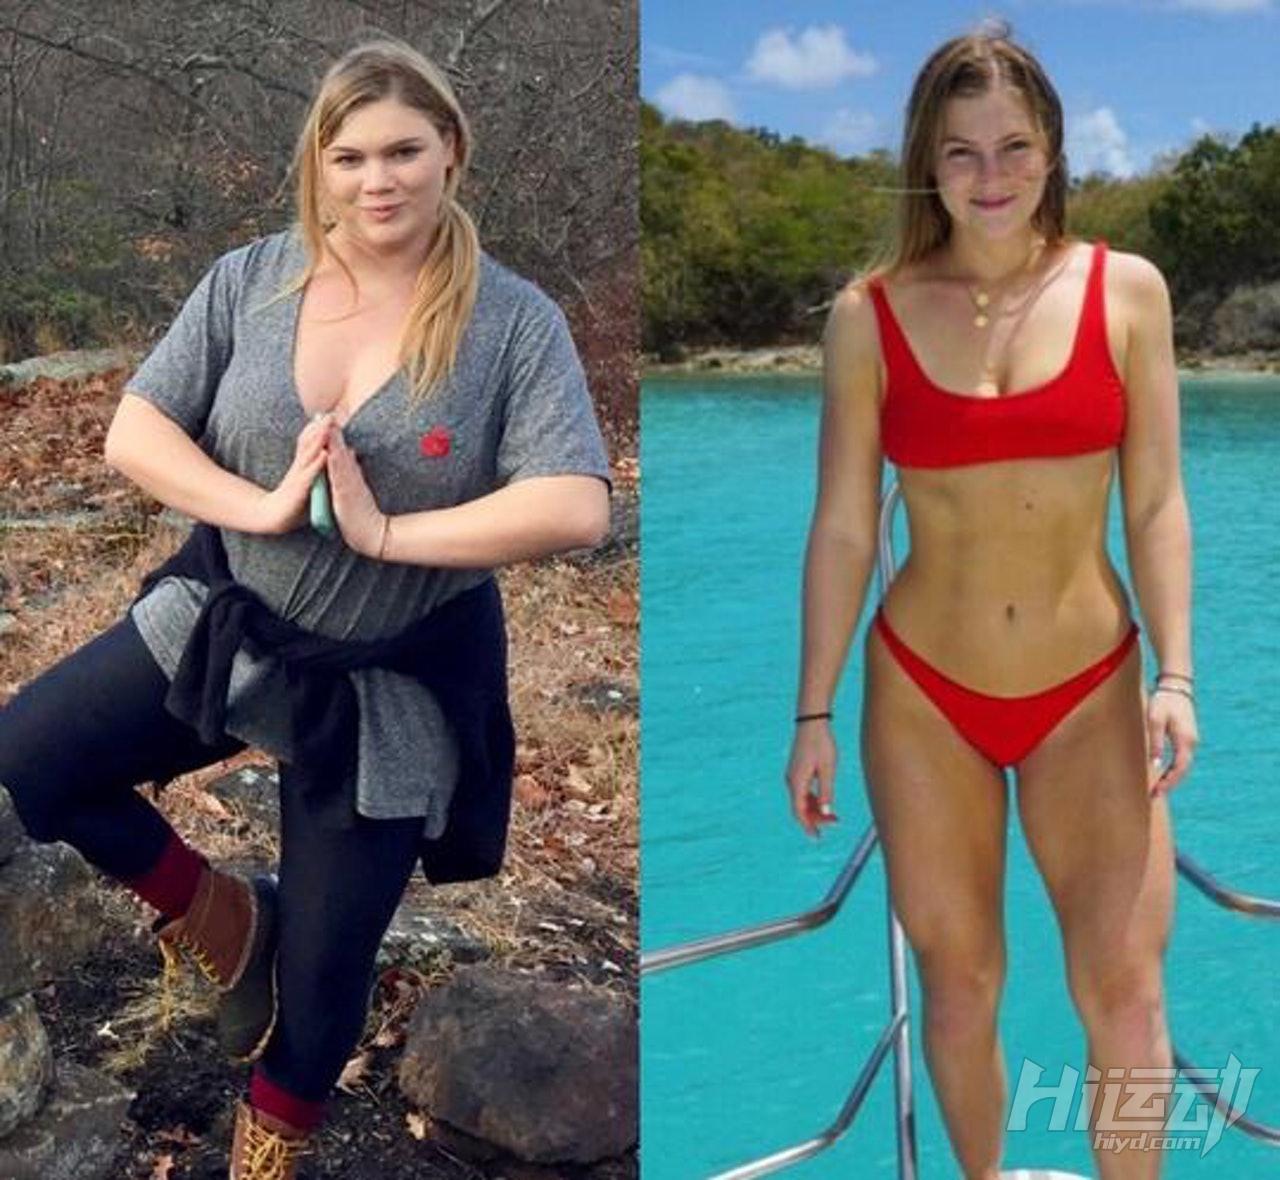 不应被体重定义快乐,美国肥妹靠健身变阳光美女 - 图片4